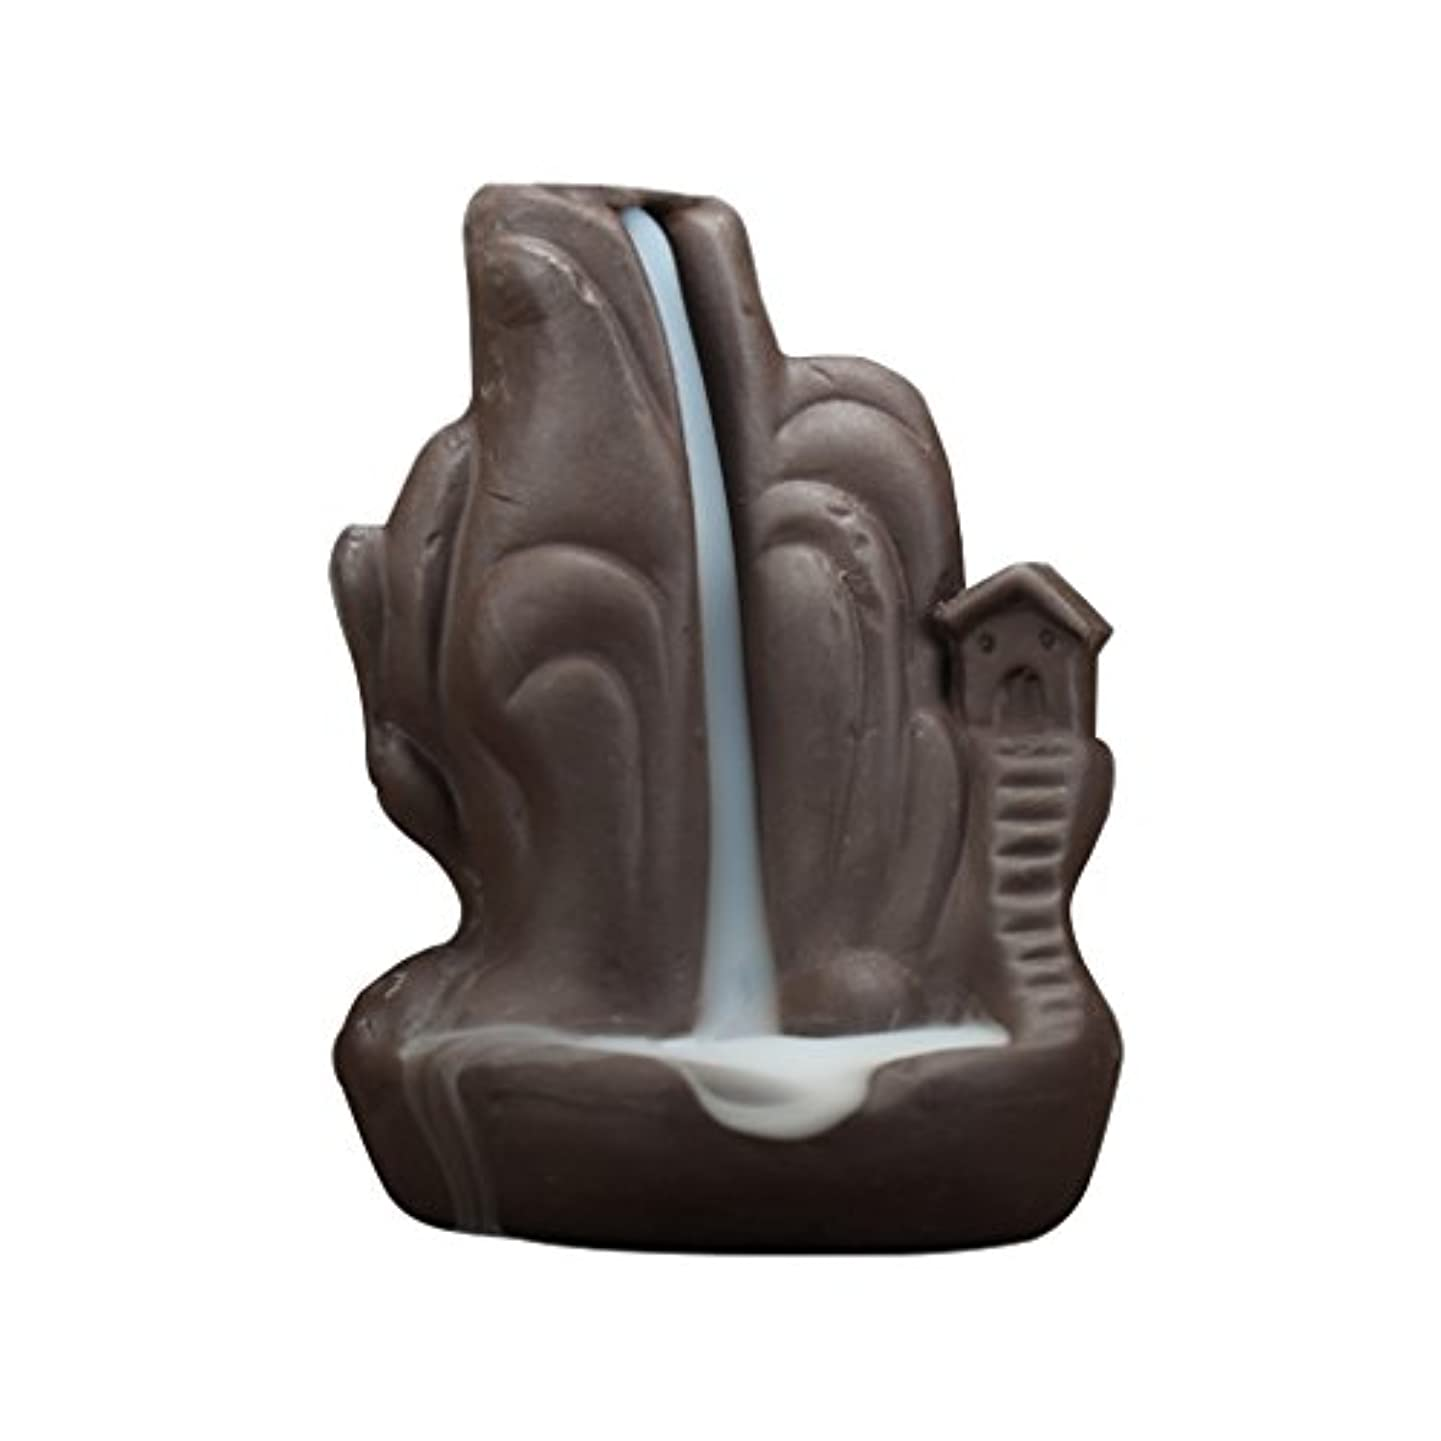 支配する飼い慣らす展望台Fenteer 全4種 繊細 絶妙 デザイン 磁器 逆流香 香炉 仏壇 古典的 装飾   - 2#